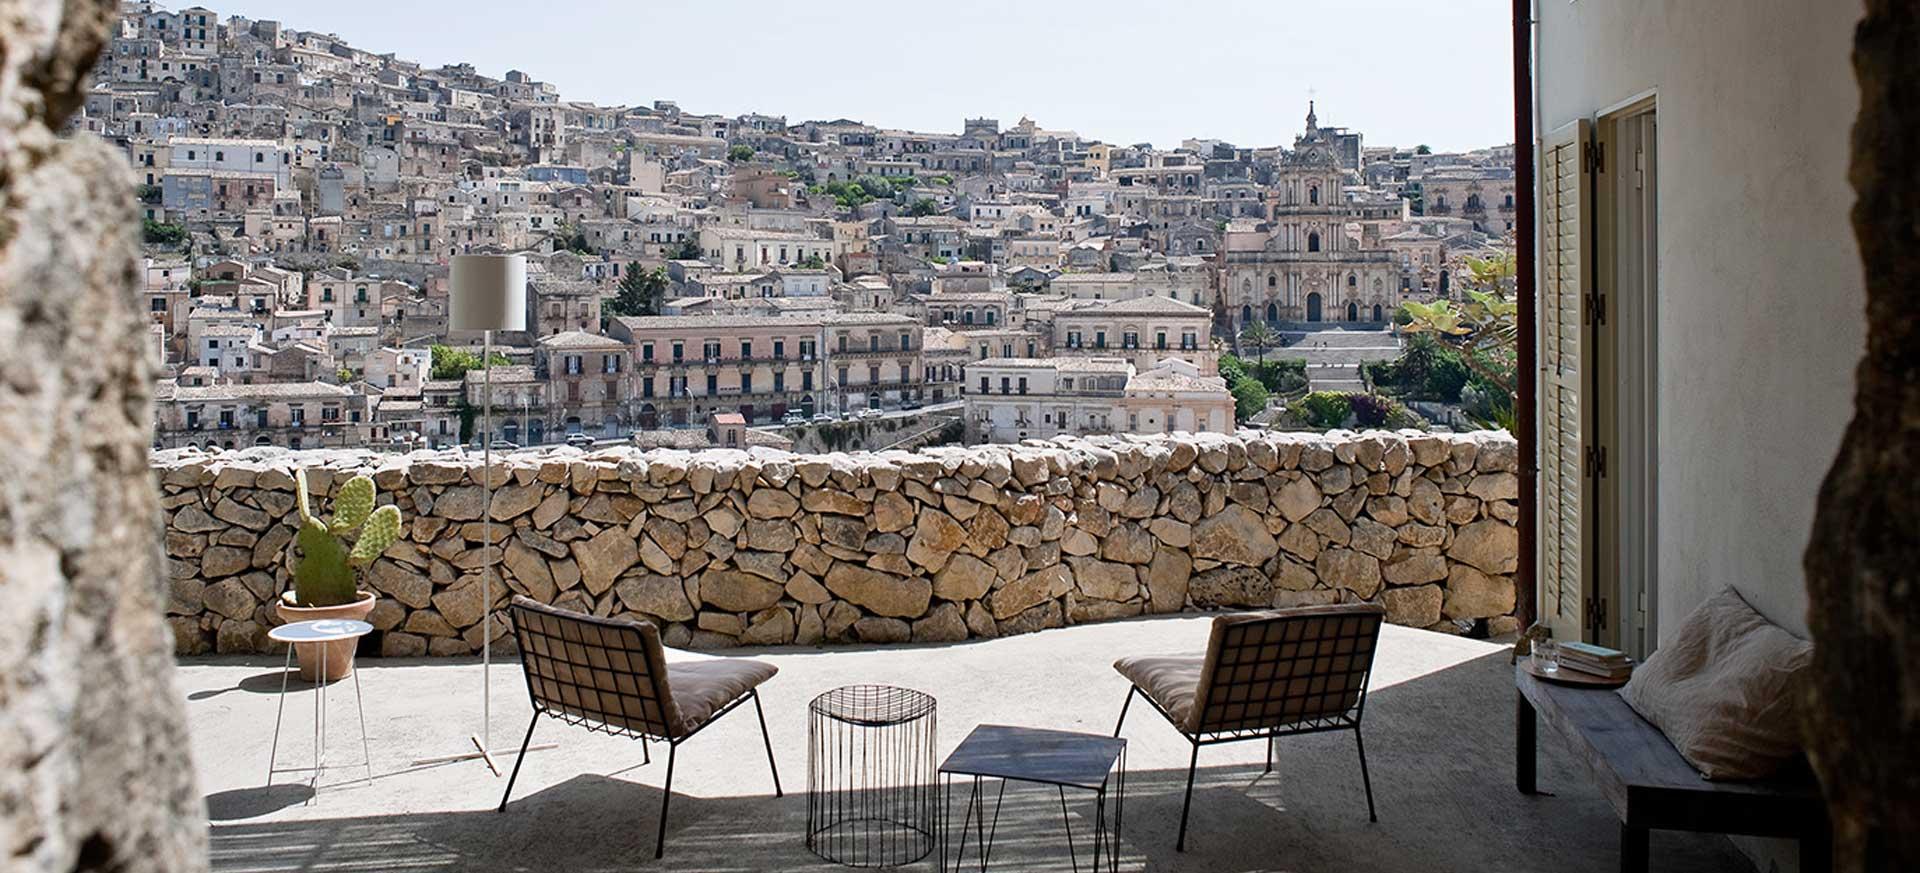 h tel de charme modica sicile hote italia. Black Bedroom Furniture Sets. Home Design Ideas